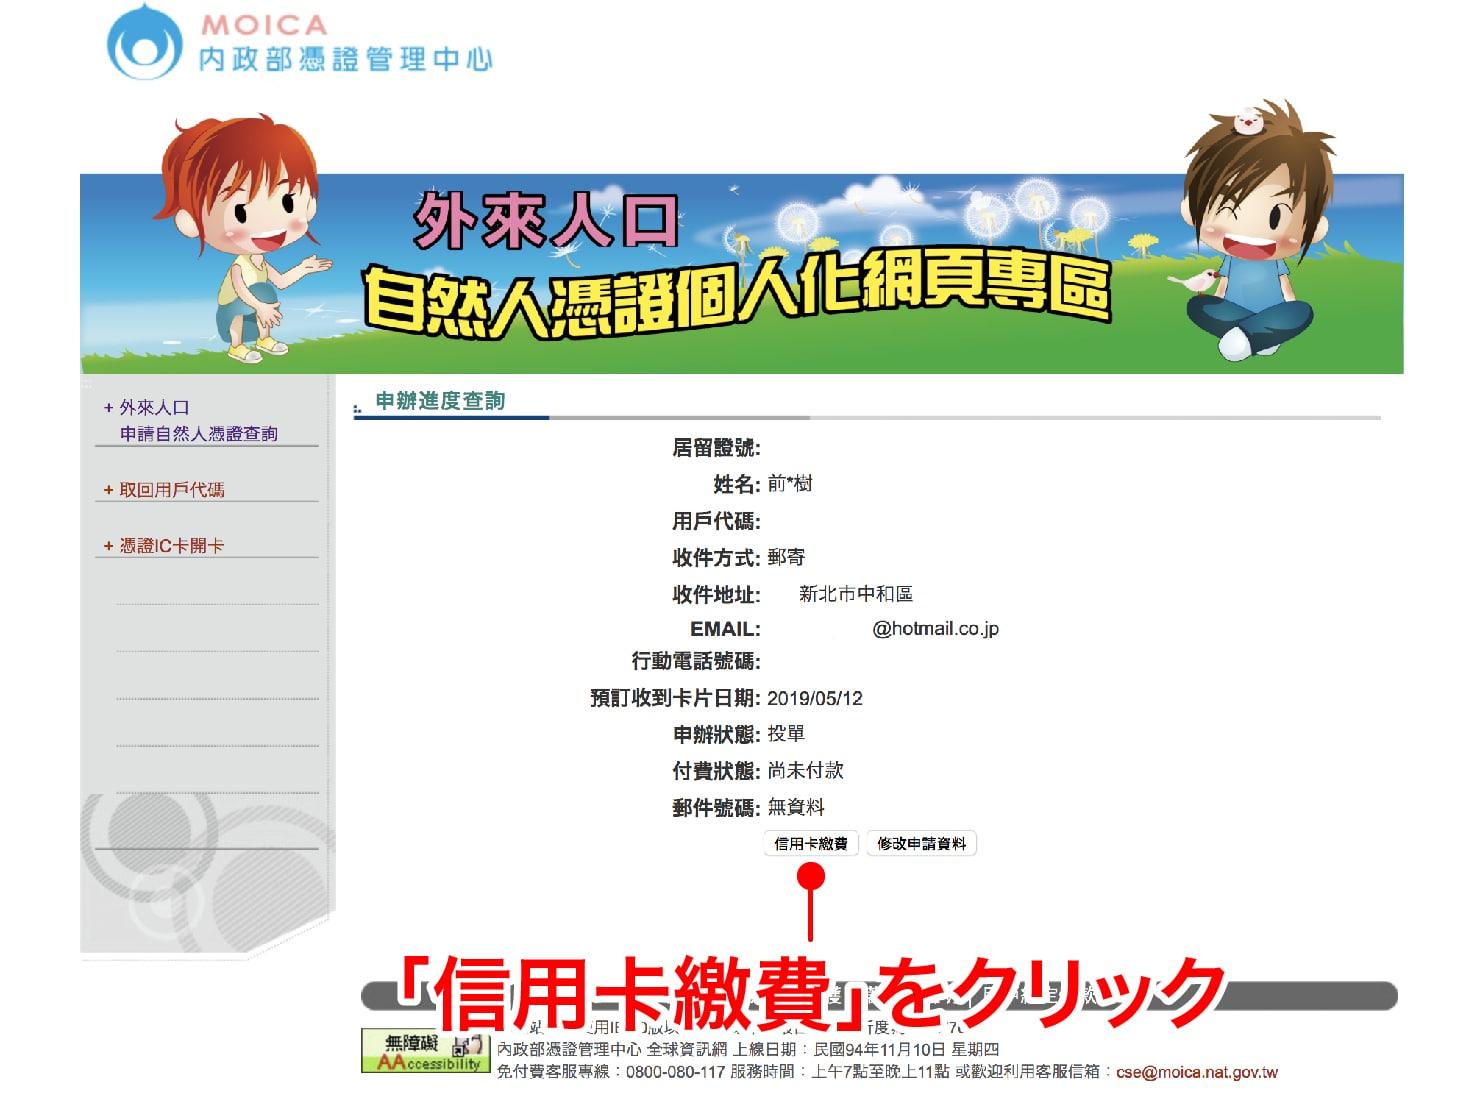 台湾のデジタル身分証明書「自然人憑證」のオンライン手続きの仕方_1